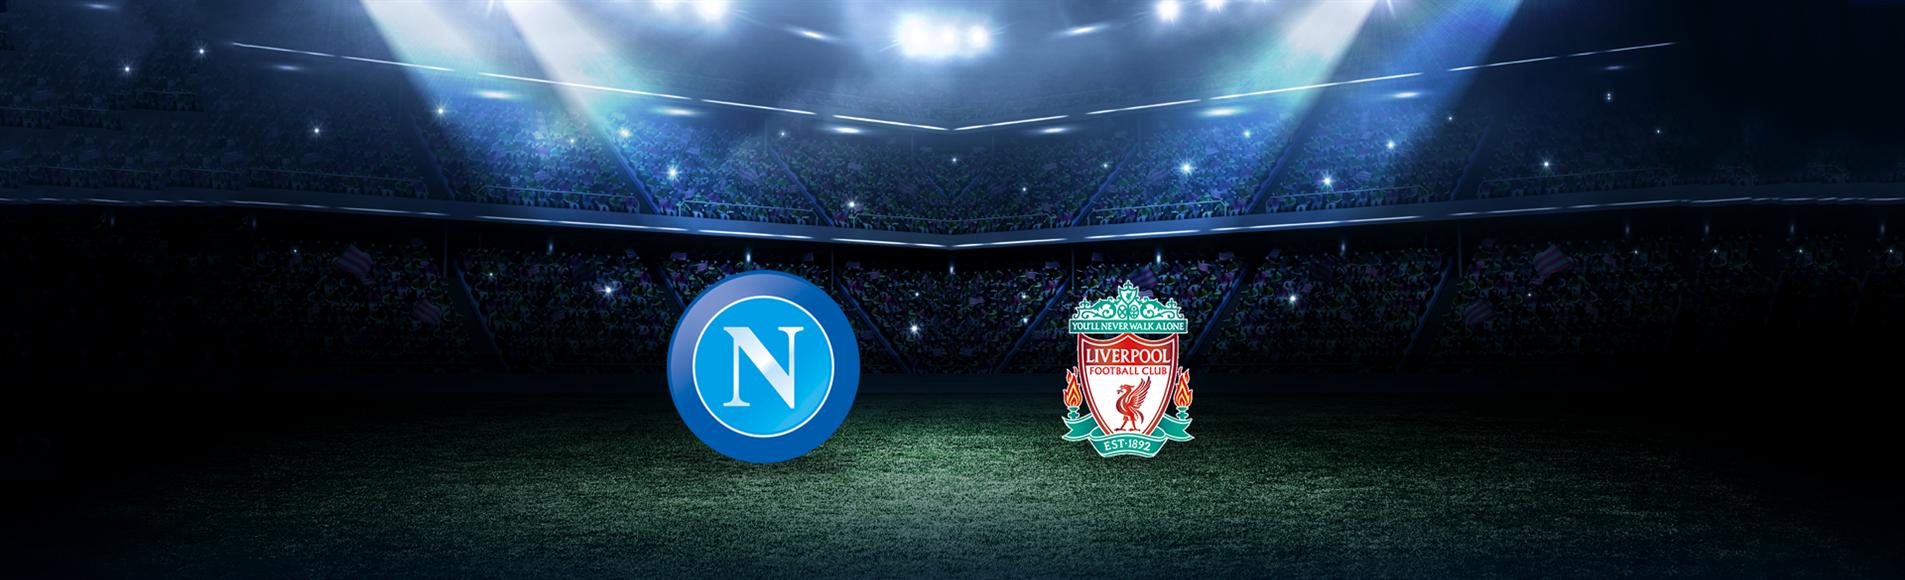 Napoli-Liverpool: dove vedere la partita in tv e diretta streaming - NAPOLI CALCIO